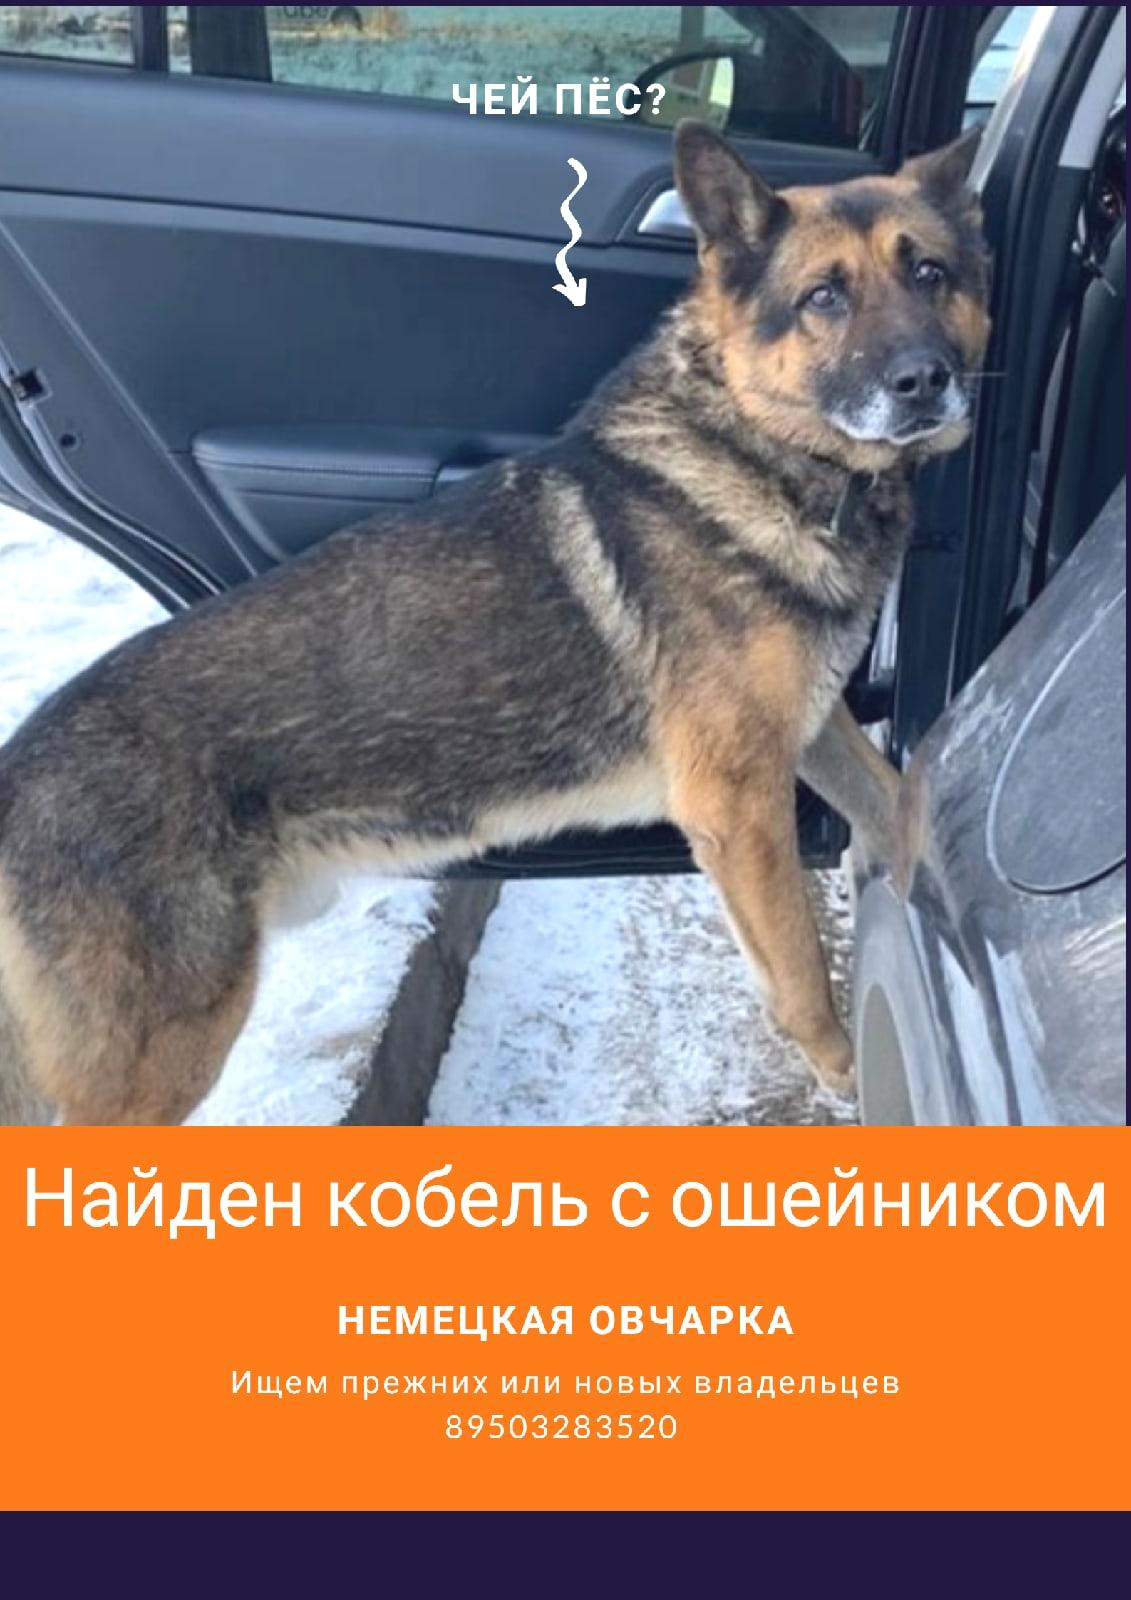 Собака находится на передержке. 8-950-328-35-20